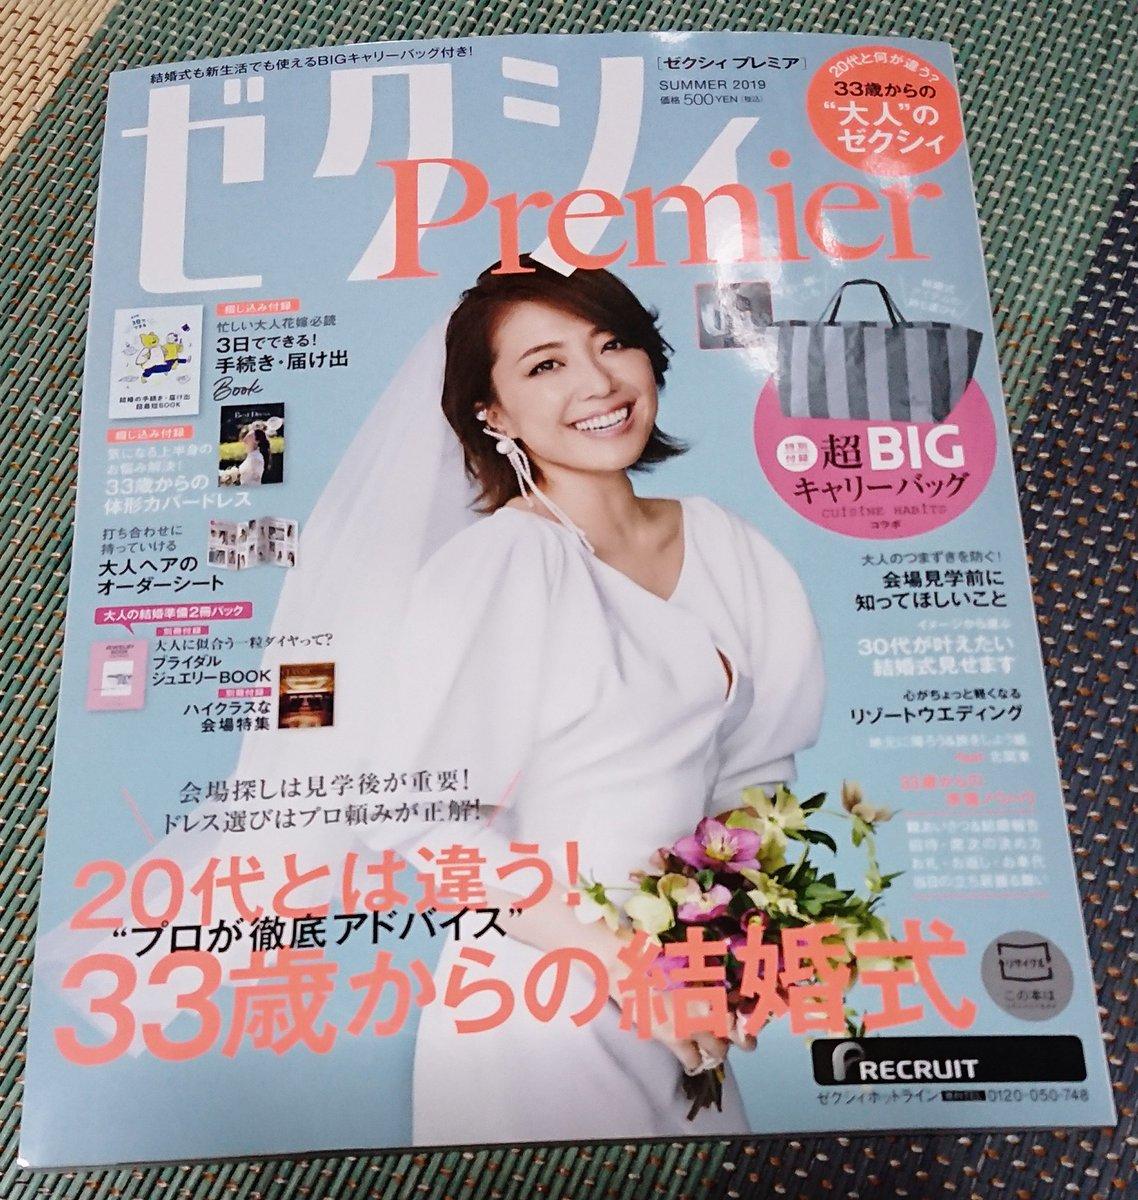 a4c6e4d0b7657 平原綾香  ゼクシィPremier pic.twitter.com EkUAv2B2np